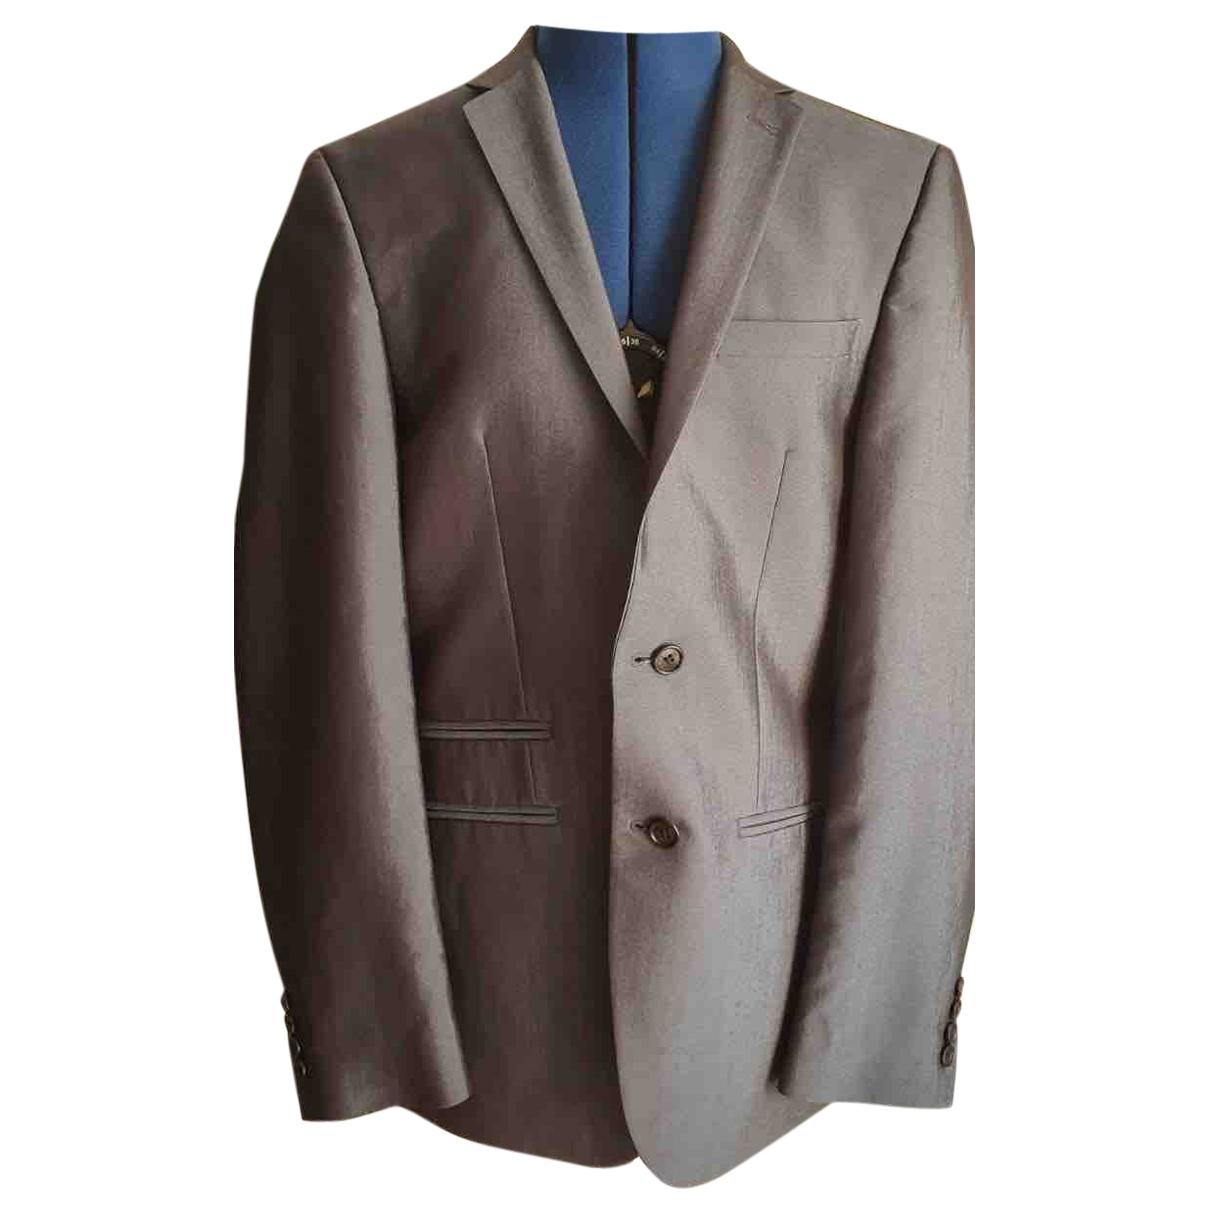 Macys \N Anzuege in  Grau Polyester